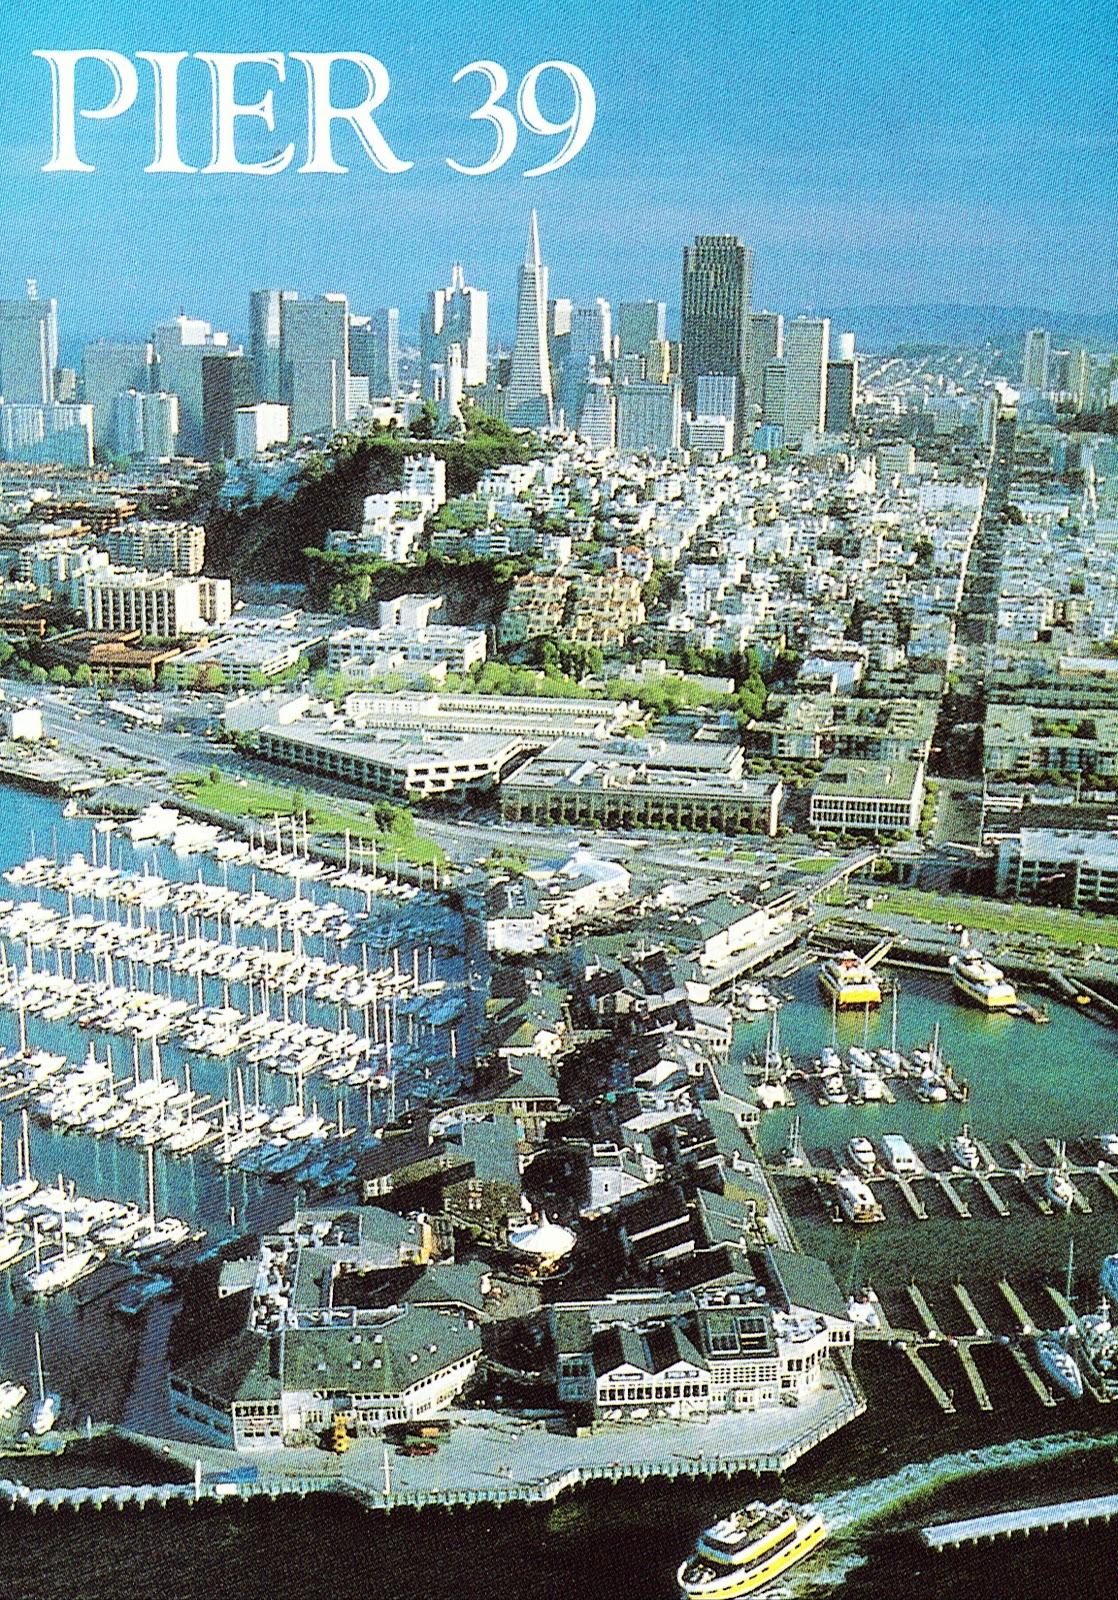 San francisco california pier 39 webcam